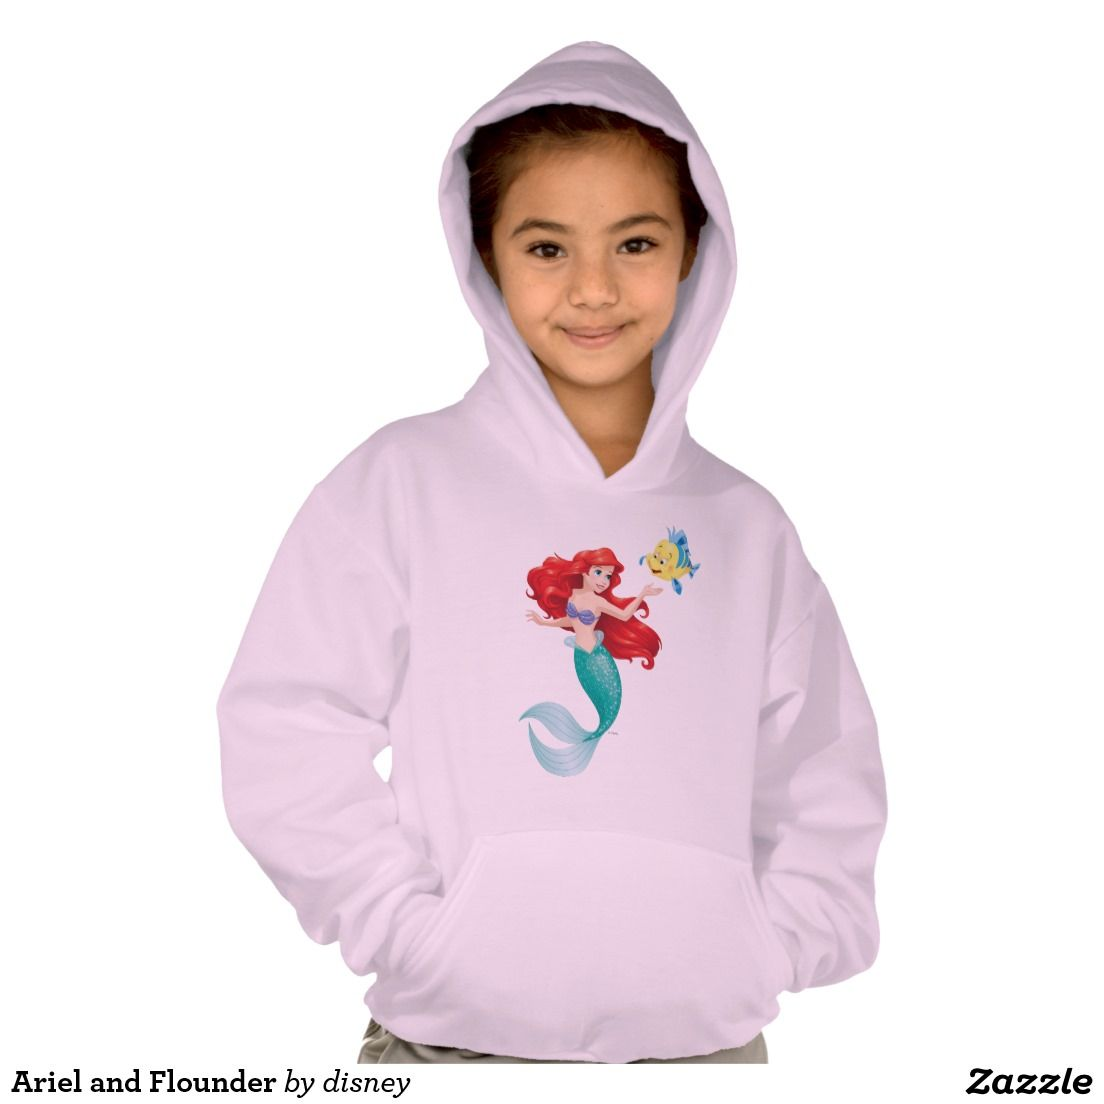 Princess - Ariel and Flounder T-shirt. Producto disponible en tienda Zazzle. Vestuario, moda. Product available in Zazzle store. Fashion wardrobe. Regalos, Gifts. #camiseta #tshirt